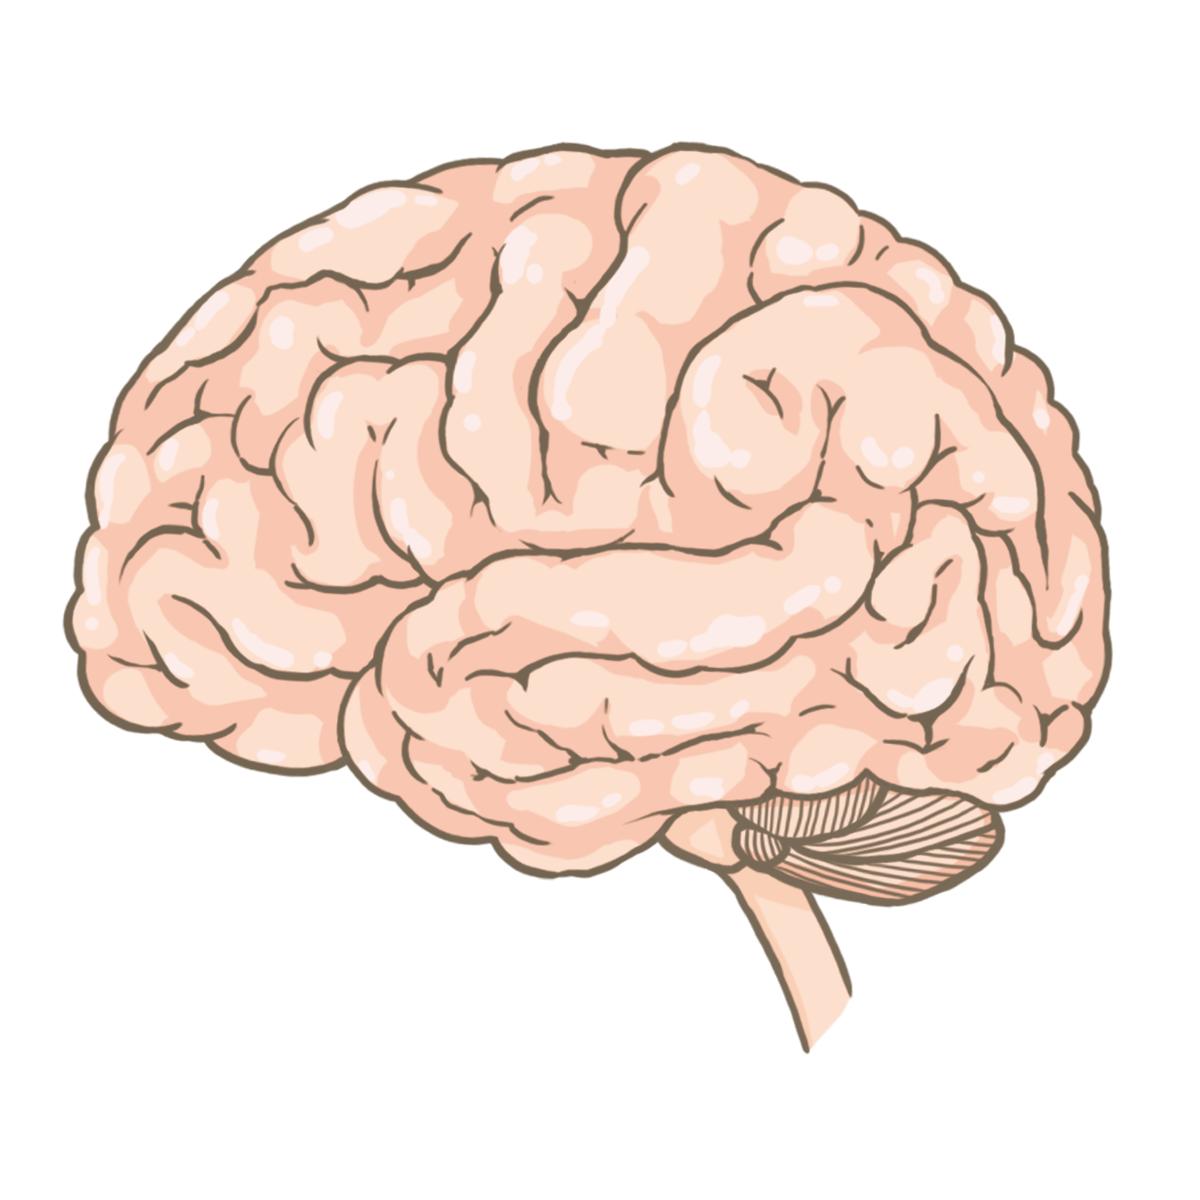 картинки мозга на белом фоне первоклашки парам, идут